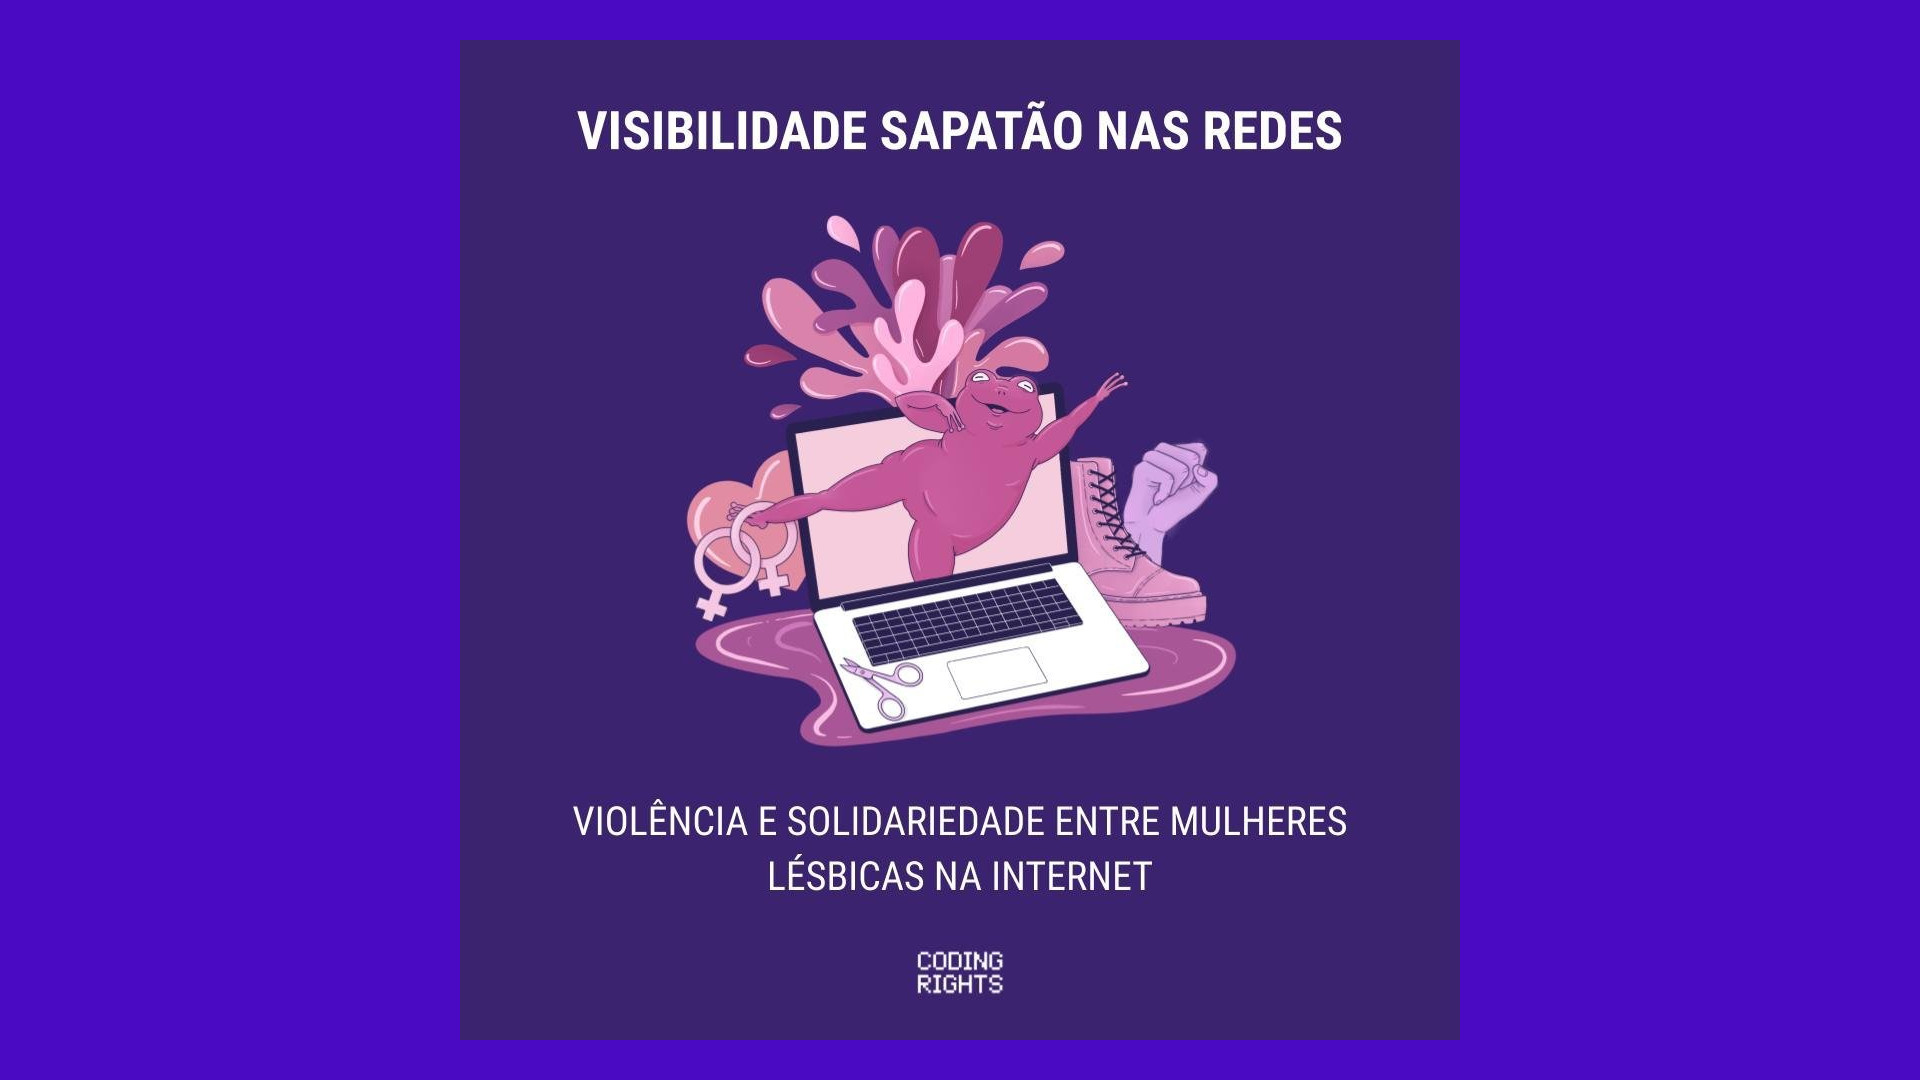 Visibilidade Sapatão na Rede: violência e solidariedade entre mulheres lésbicas na internet